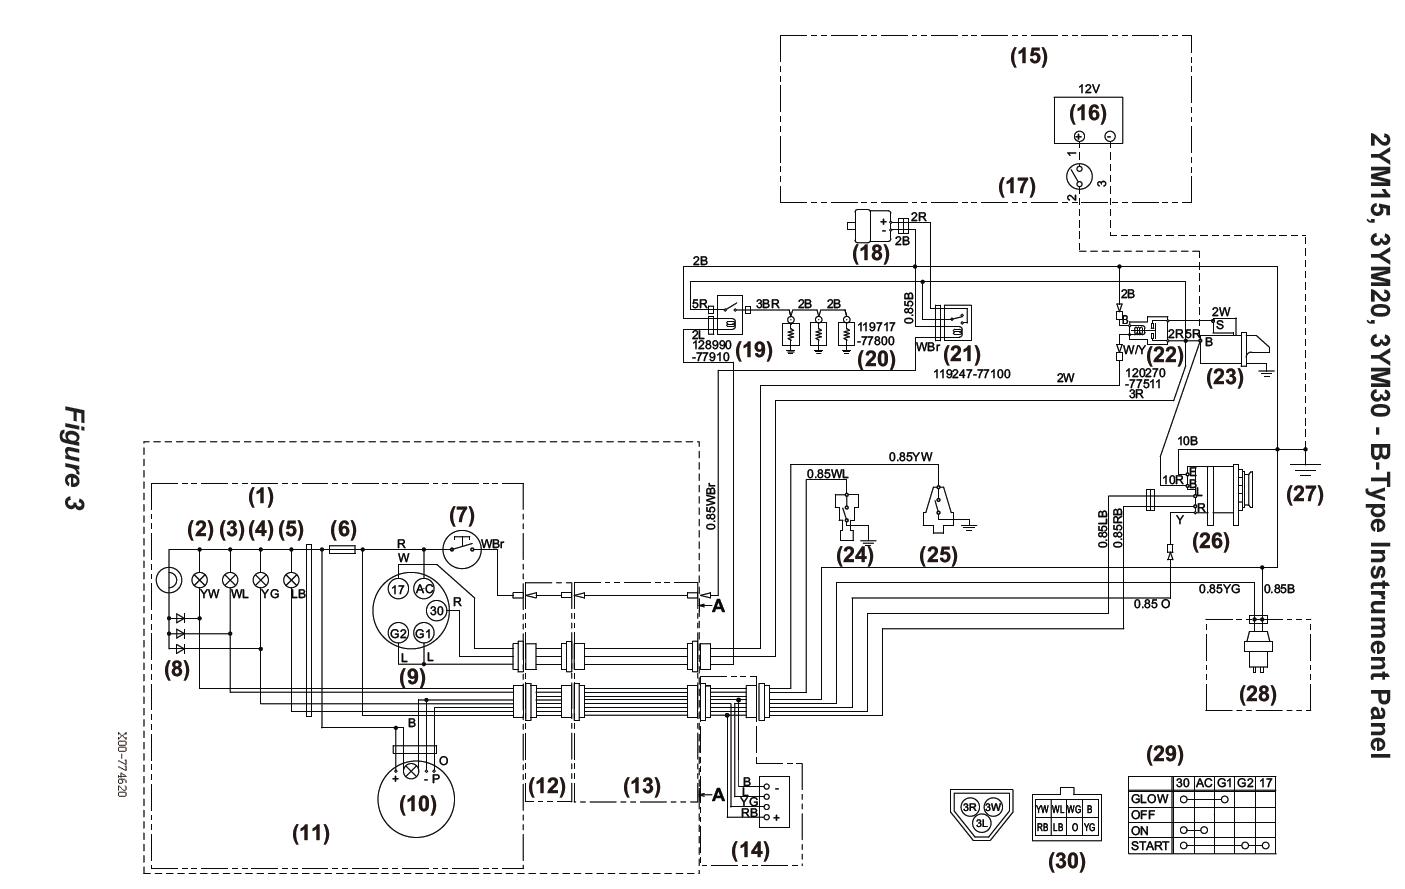 yanmar ignition wiring diagram yanmar wiring schematic wiring diagram schematics  yanmar wiring schematic wiring